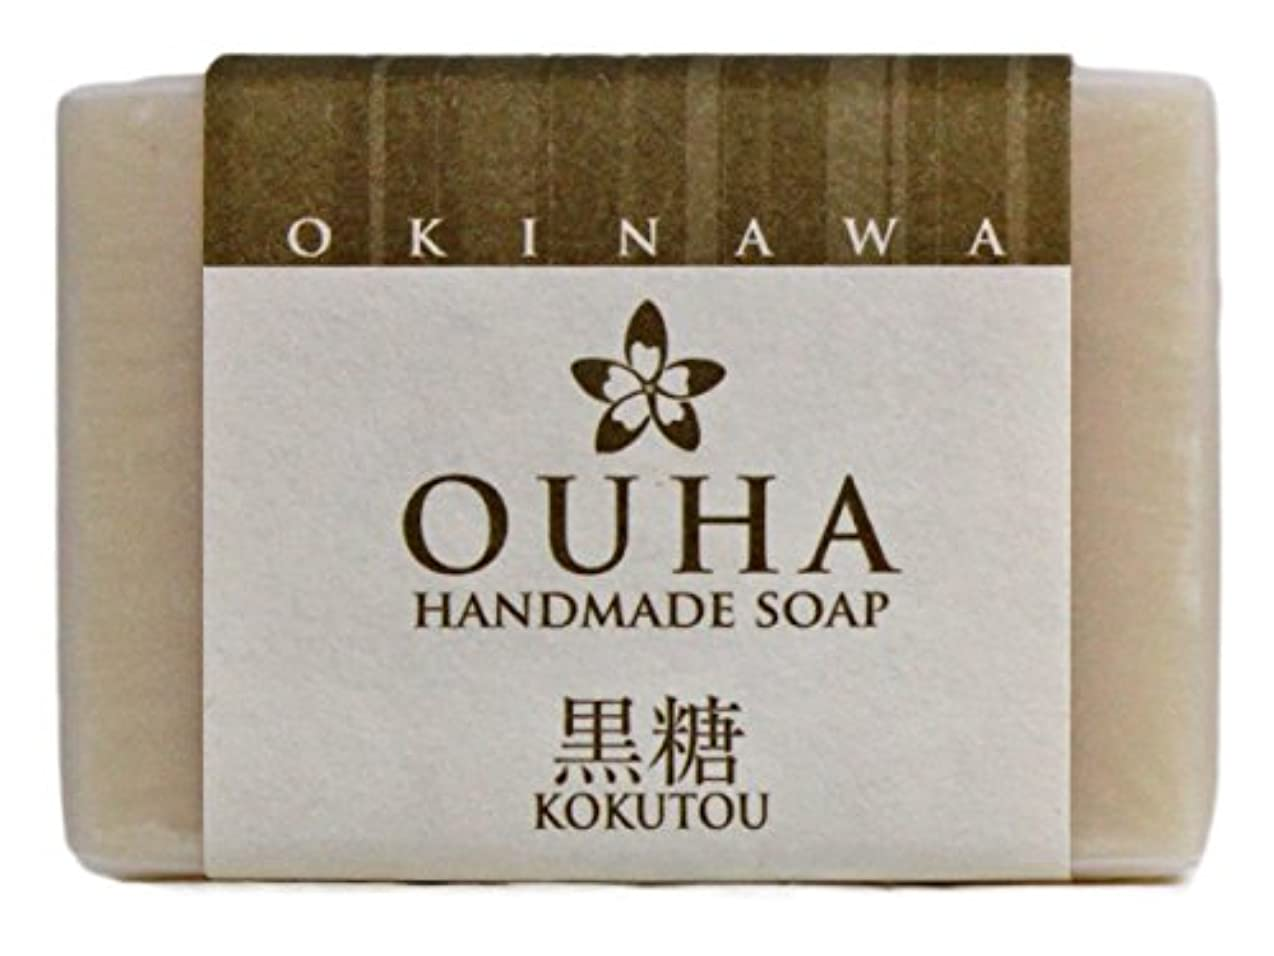 ゆりかごクマノミ雄弁沖縄手作り洗顔せっけん OUHAソープ 黒糖 47g